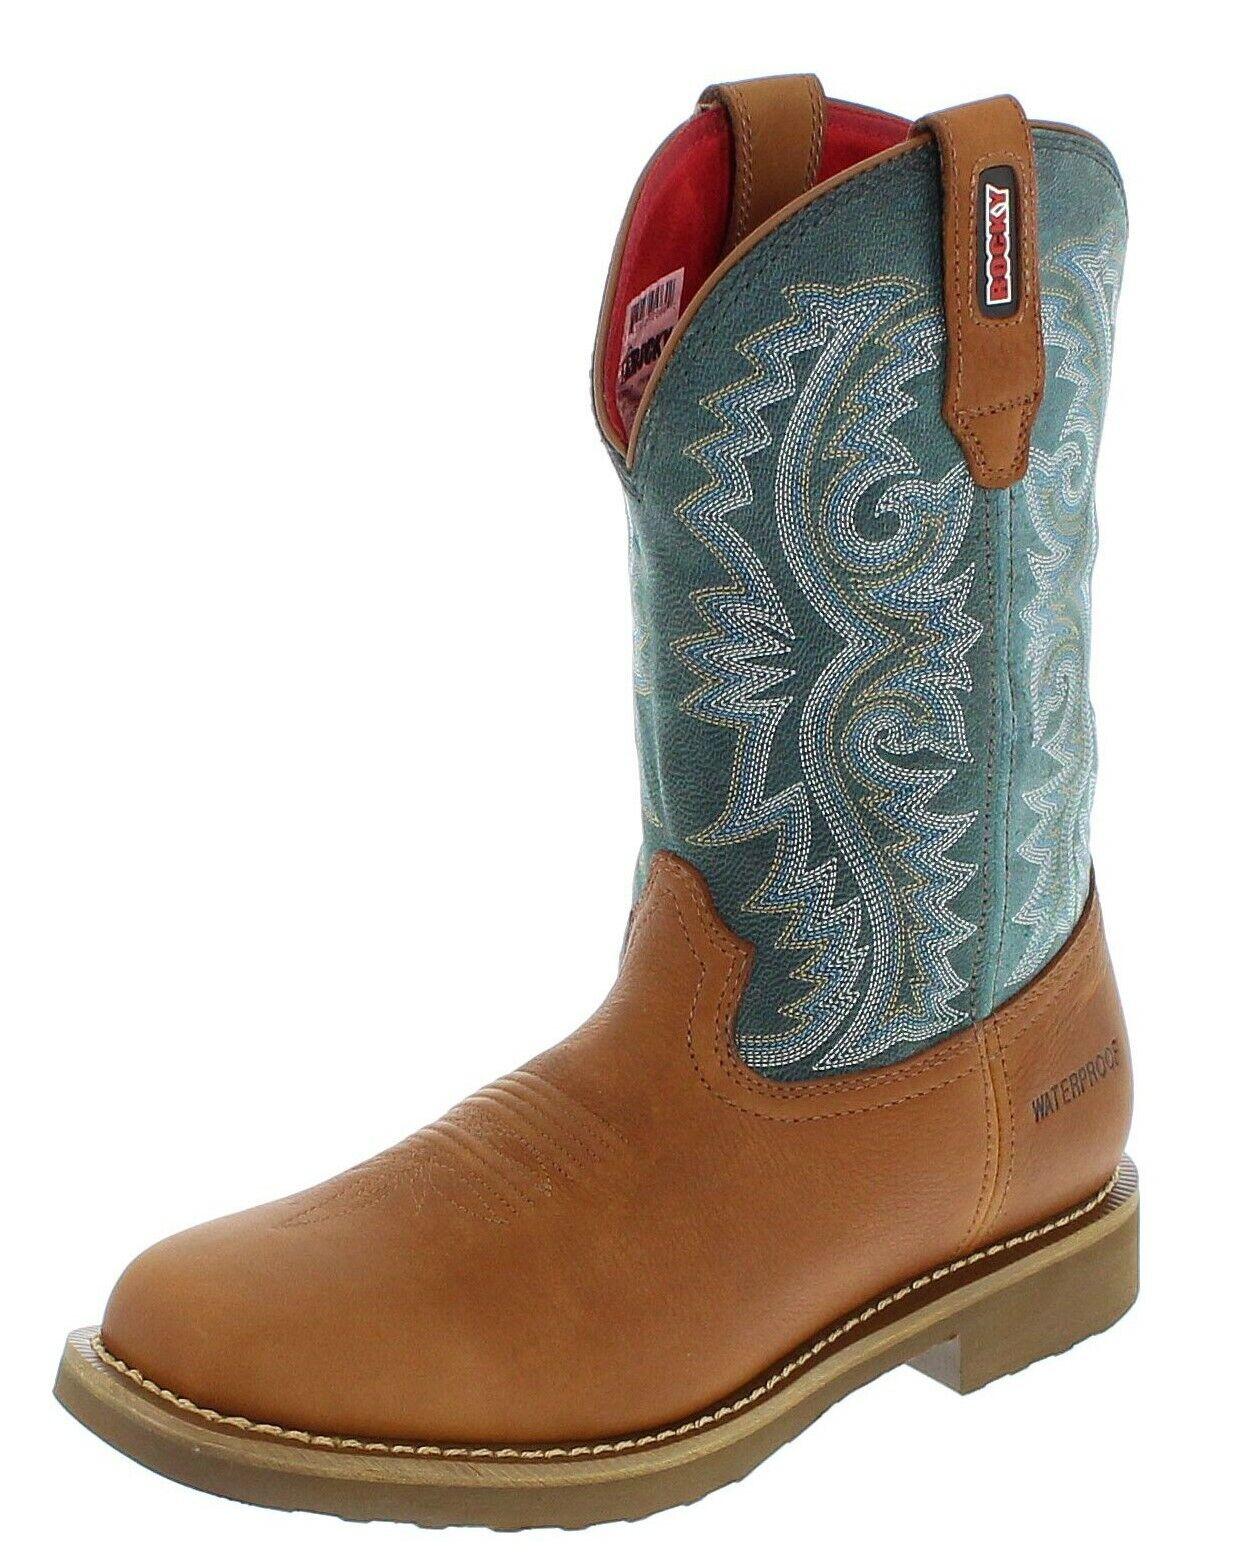 Rocky botas botas barntec rkw0127 marrón verde estanco westernreitbotas